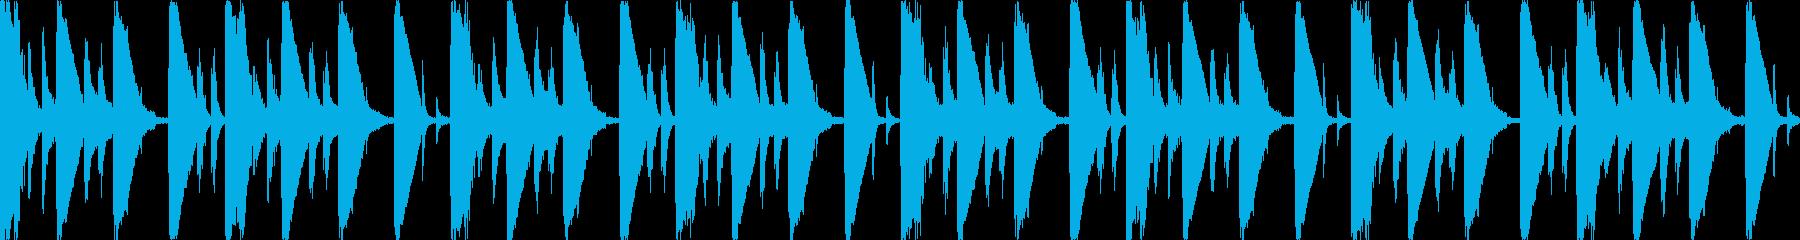 【ループF】浮遊感あるシンセが続くテクノの再生済みの波形